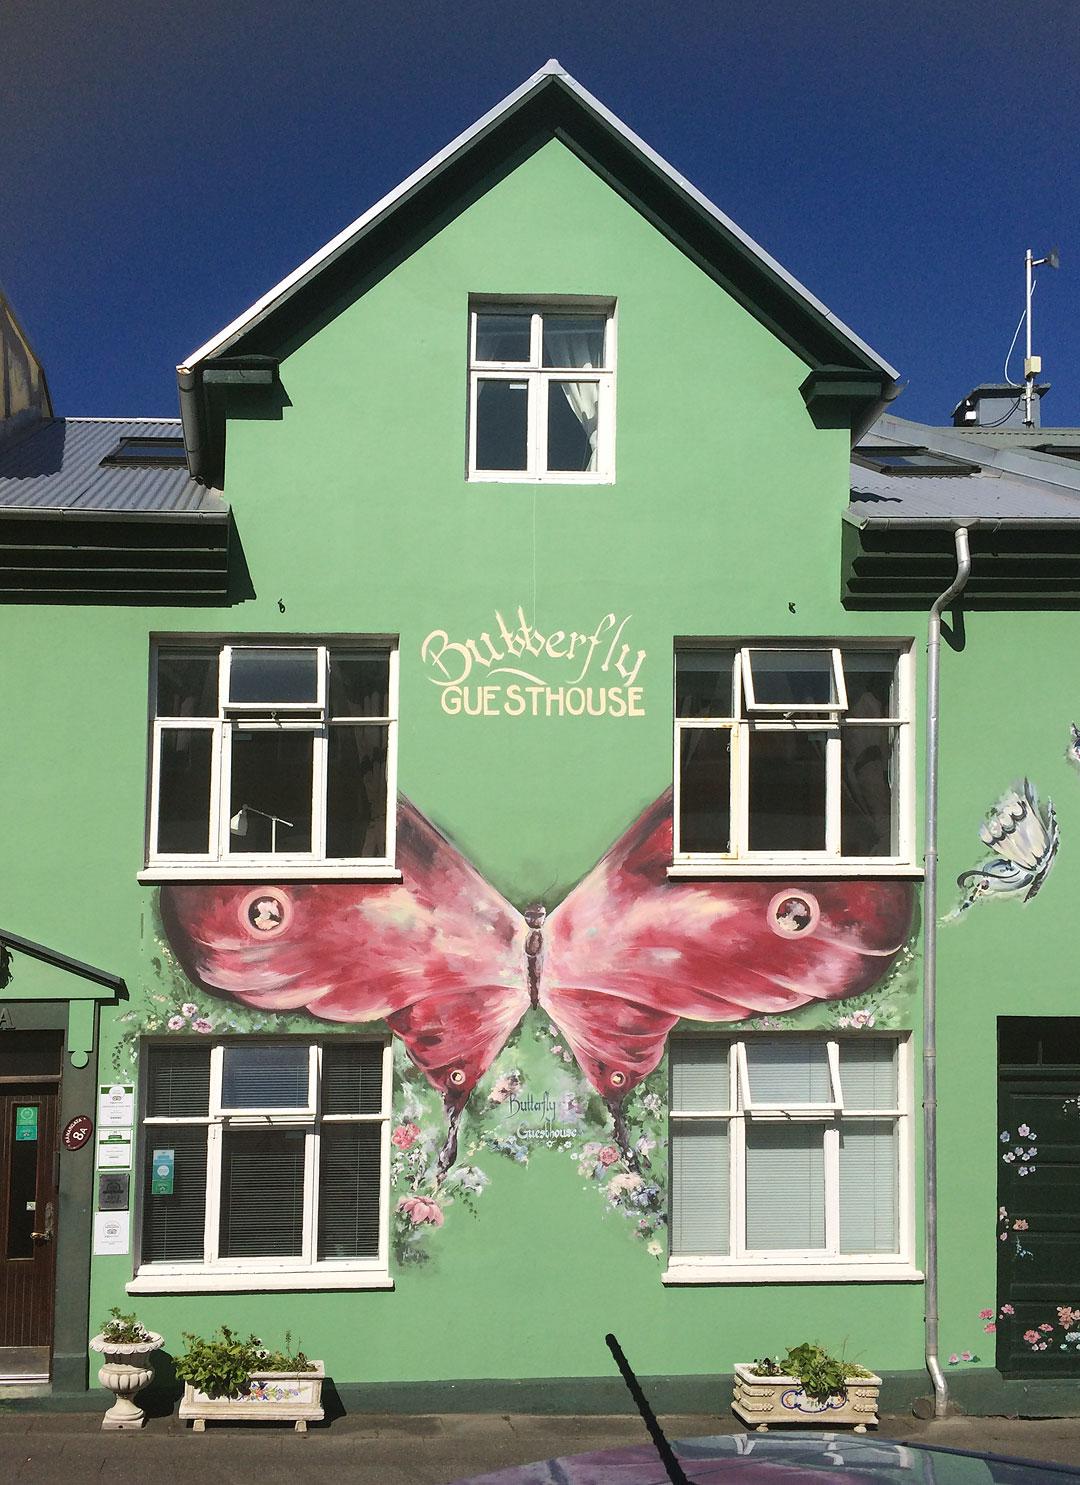 Butterfly Guesthouse in Reykjavik